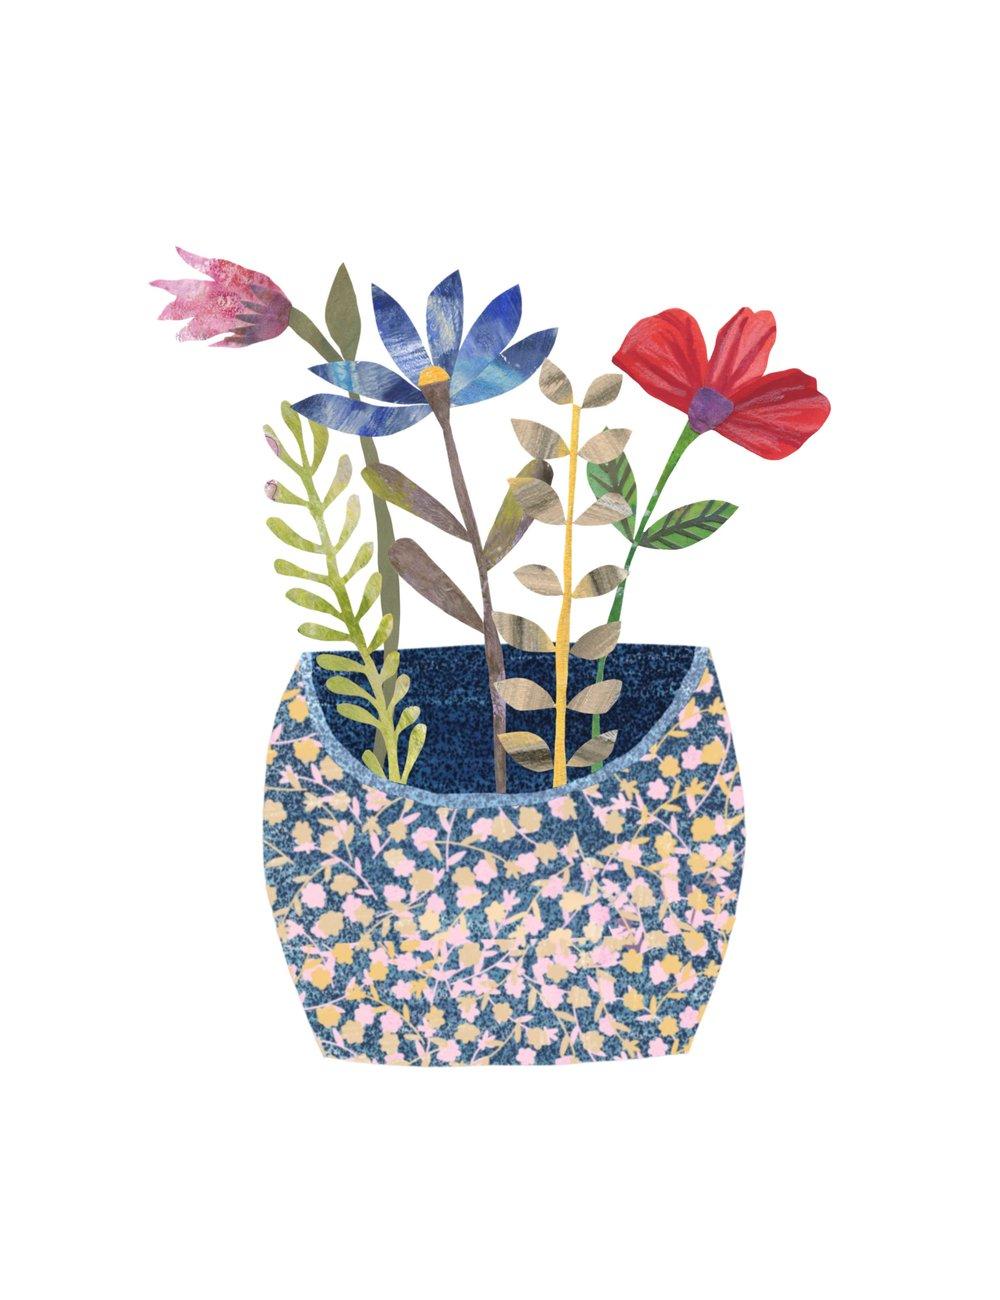 Flowers_In_Blue_Orange_Vase.jpg